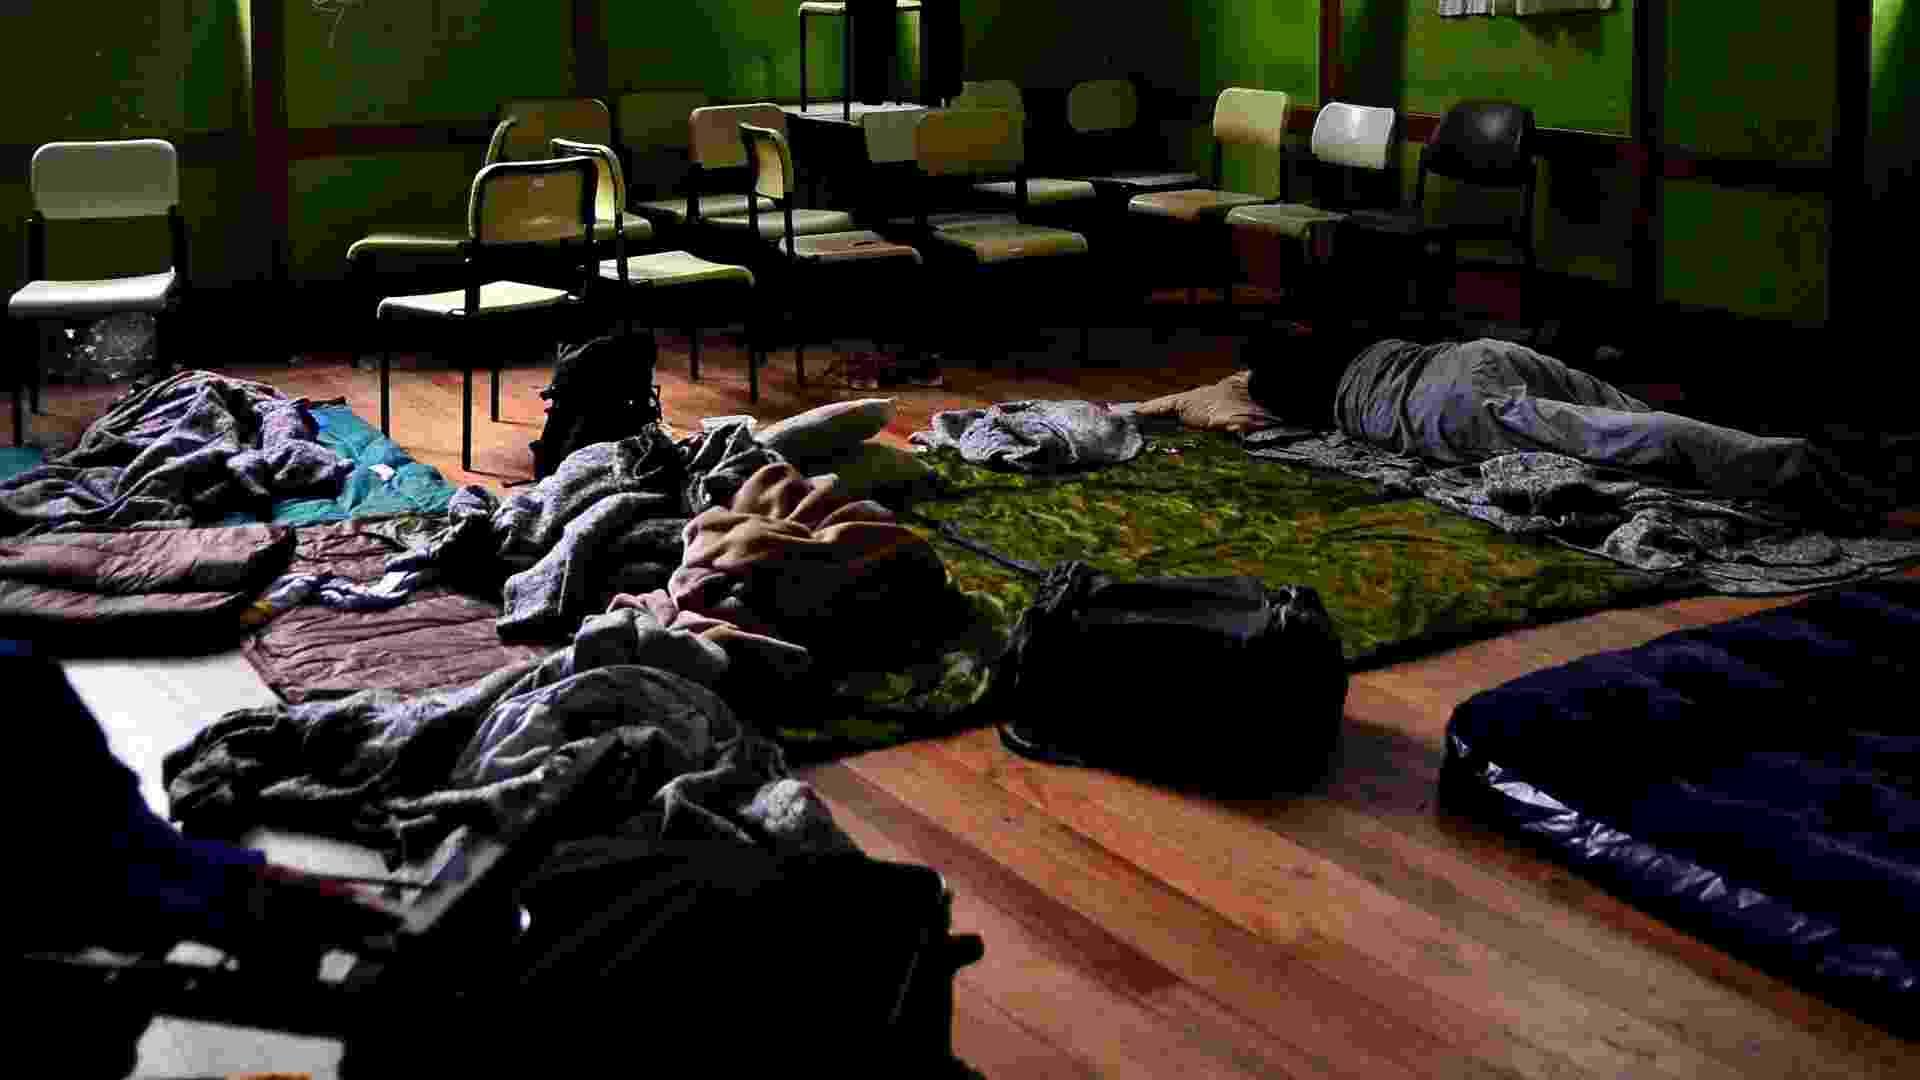 Dormitório improvisado em sala de aula na ocupação da Escola Estadual Caetano de Campos. Os alunos protestam contra a reorganização proposta pela Secretaria de Educação do Estado - Rovena Rosa/Agência Brasil